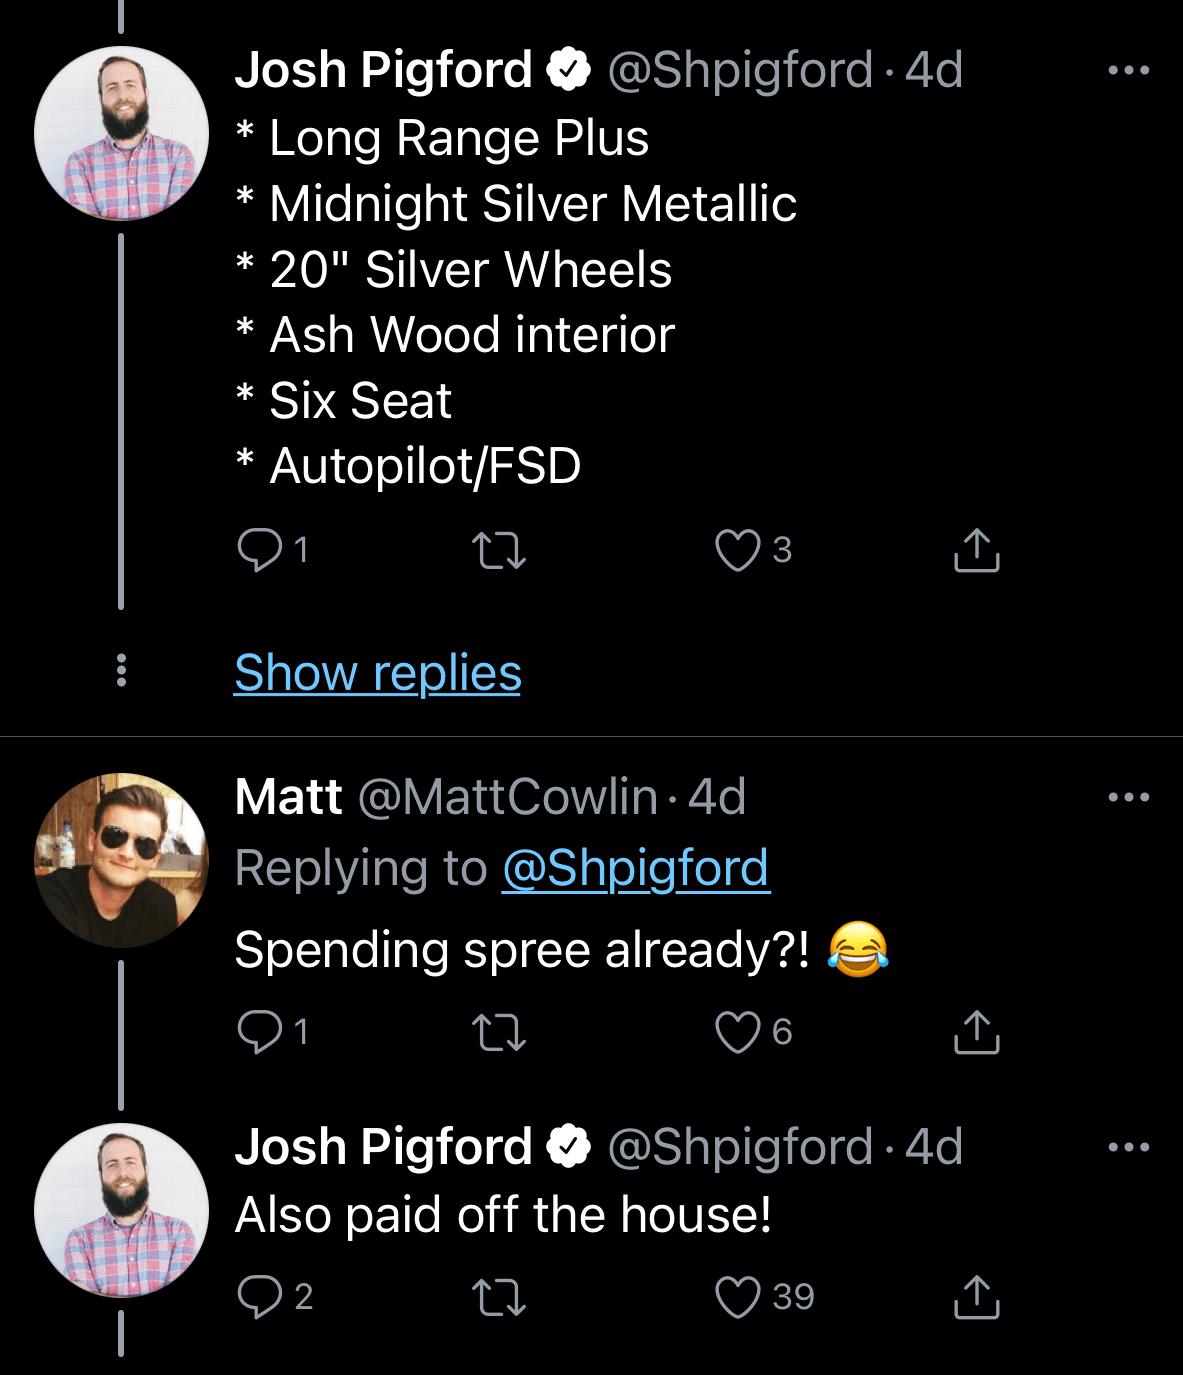 Non iscrivetevi a una startup - Fondatori come Josh Pigford si prenderanno tutto il bottino e se ne vanteranno su Twitter